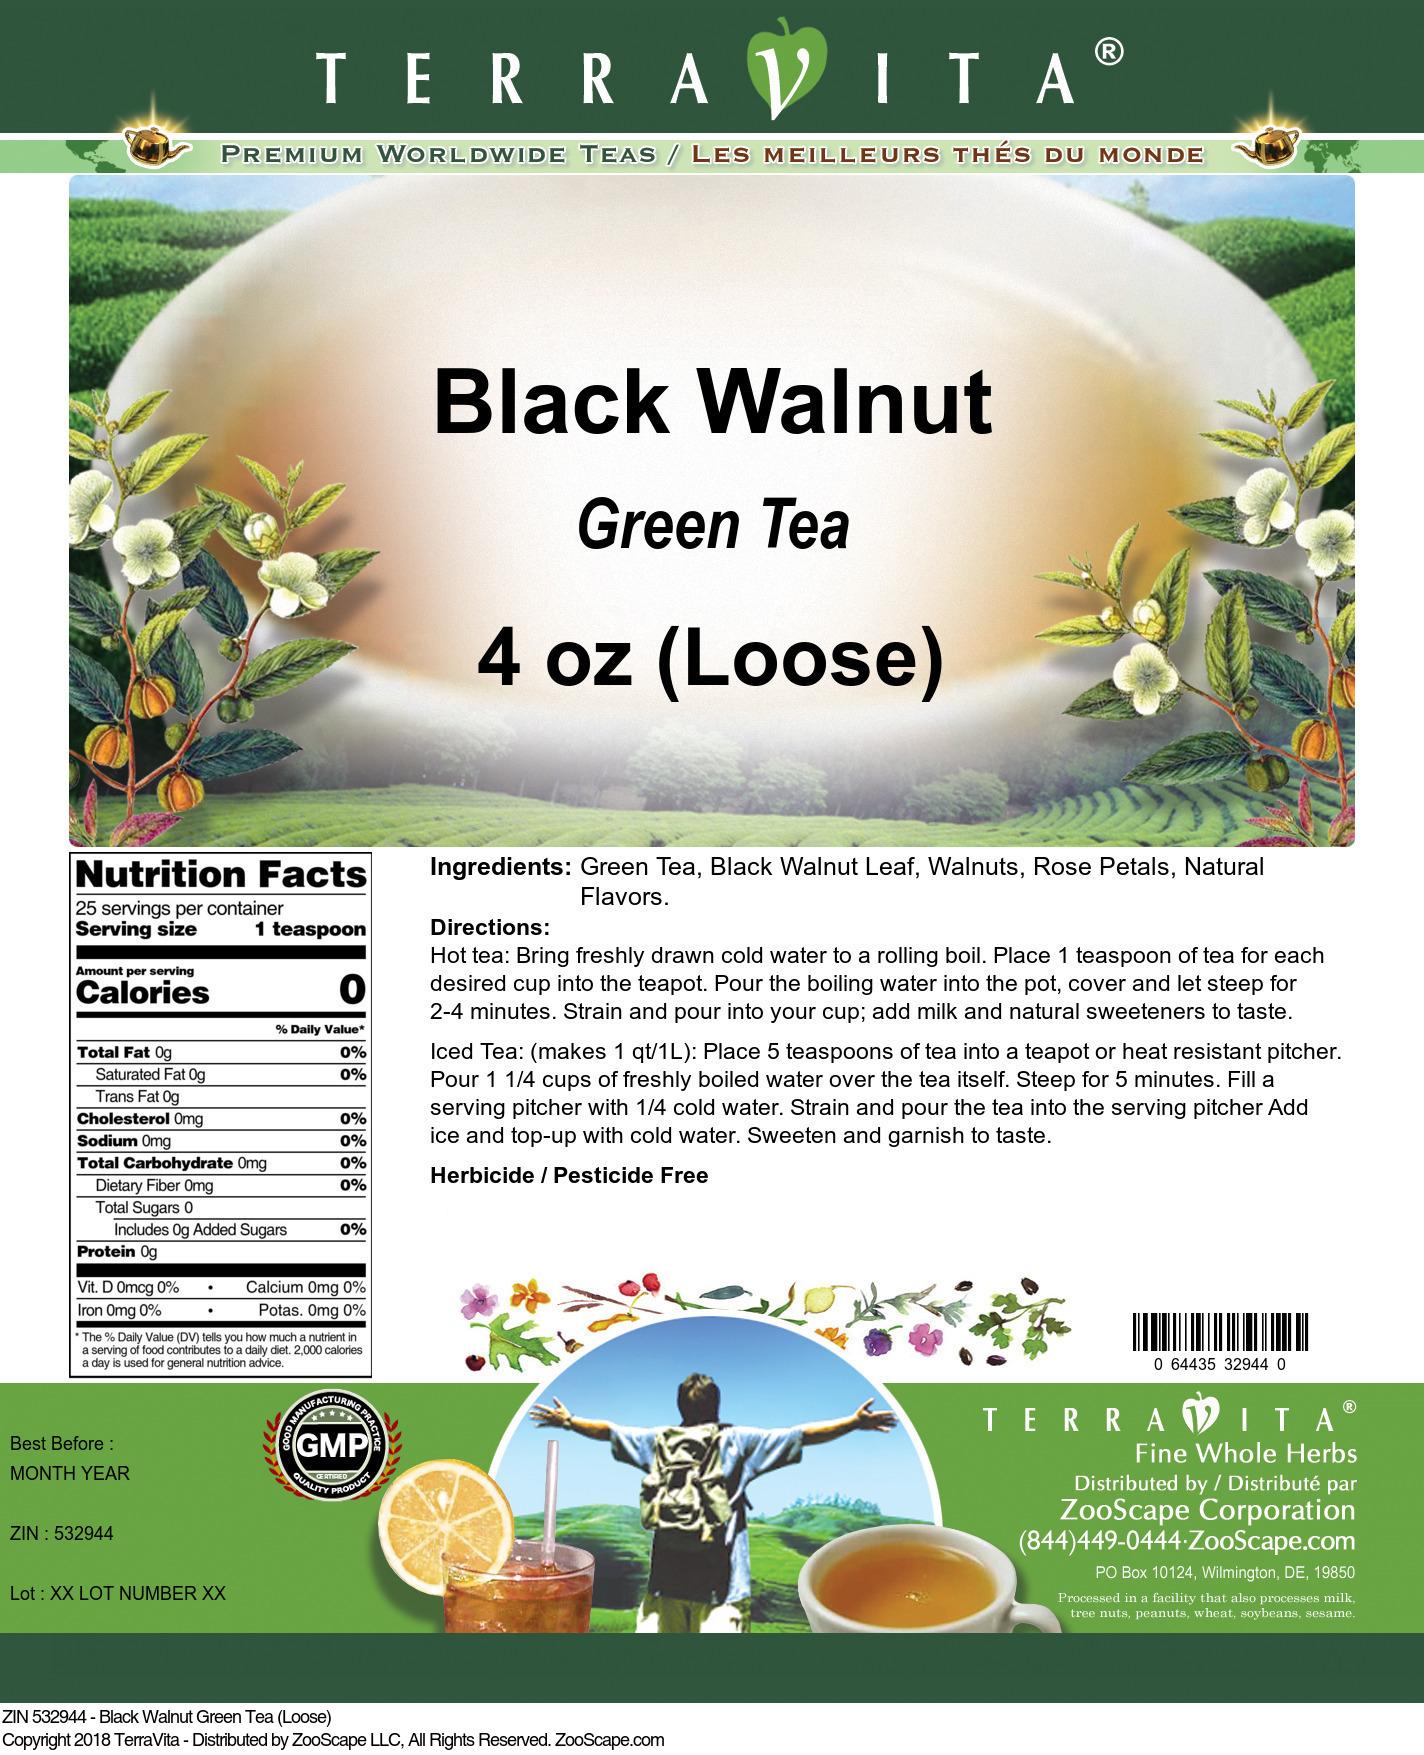 Black Walnut Green Tea